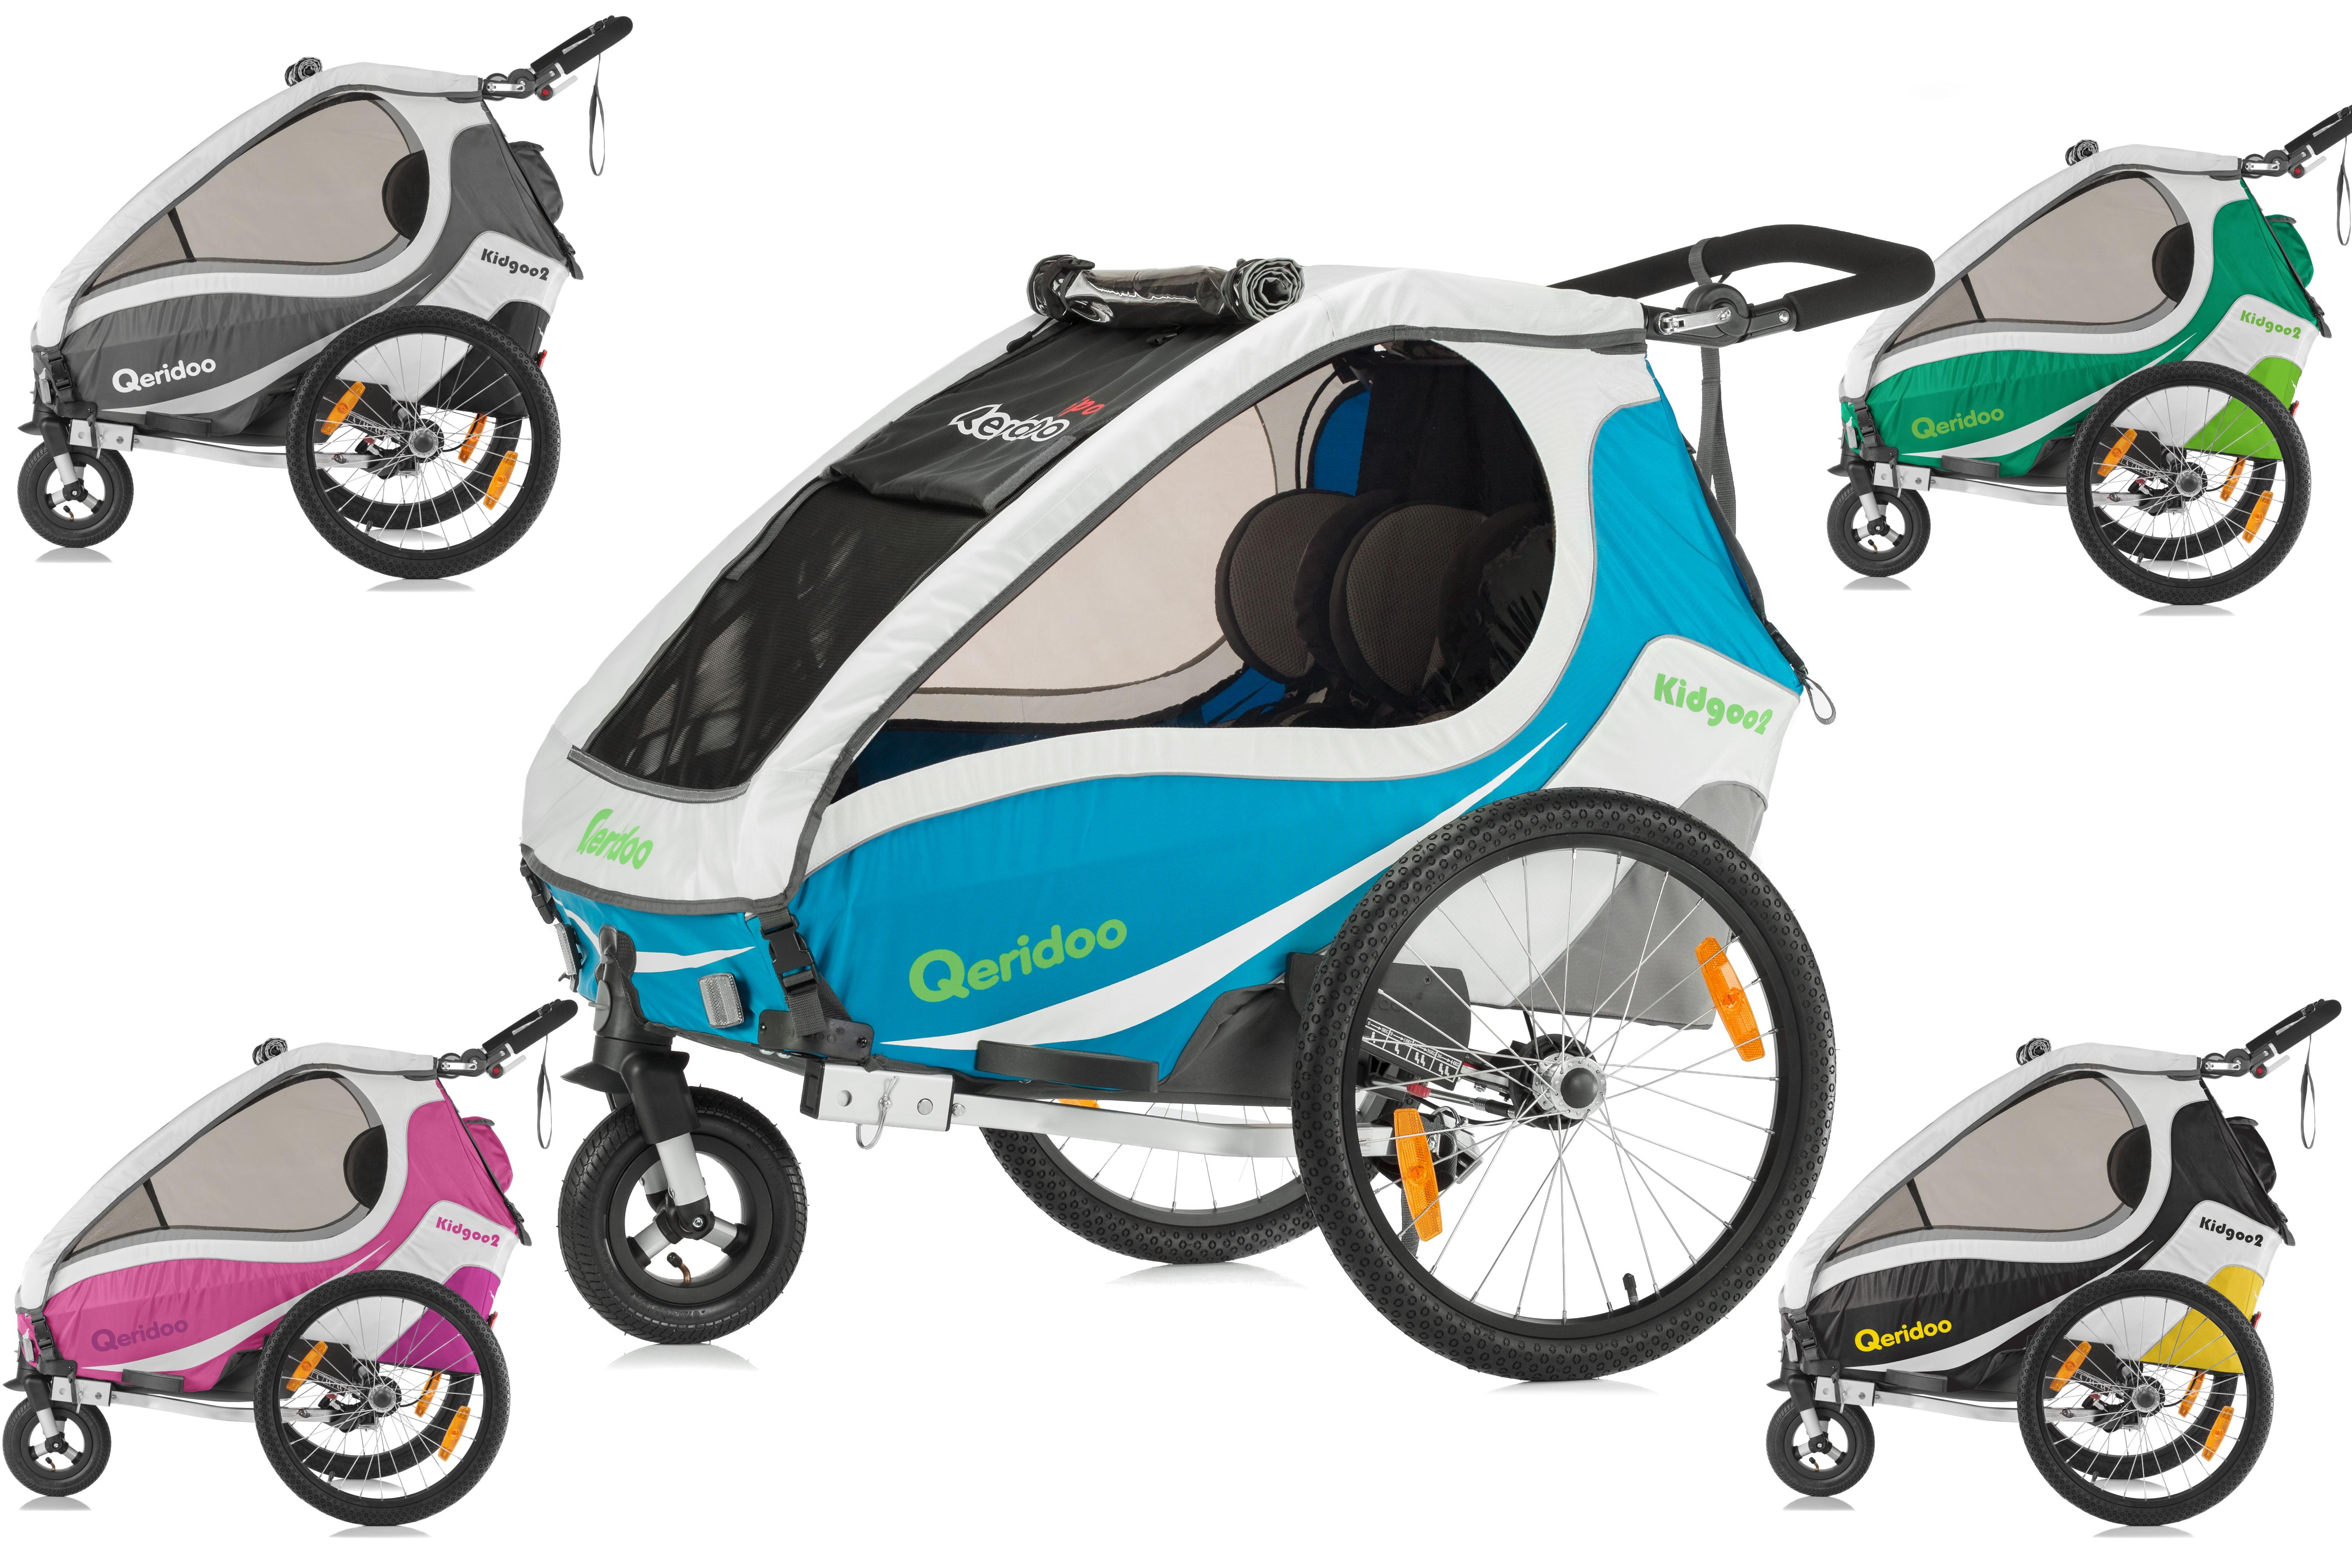 QERIDOO Vozík KidGoo 2 Zelená/Green , 2017